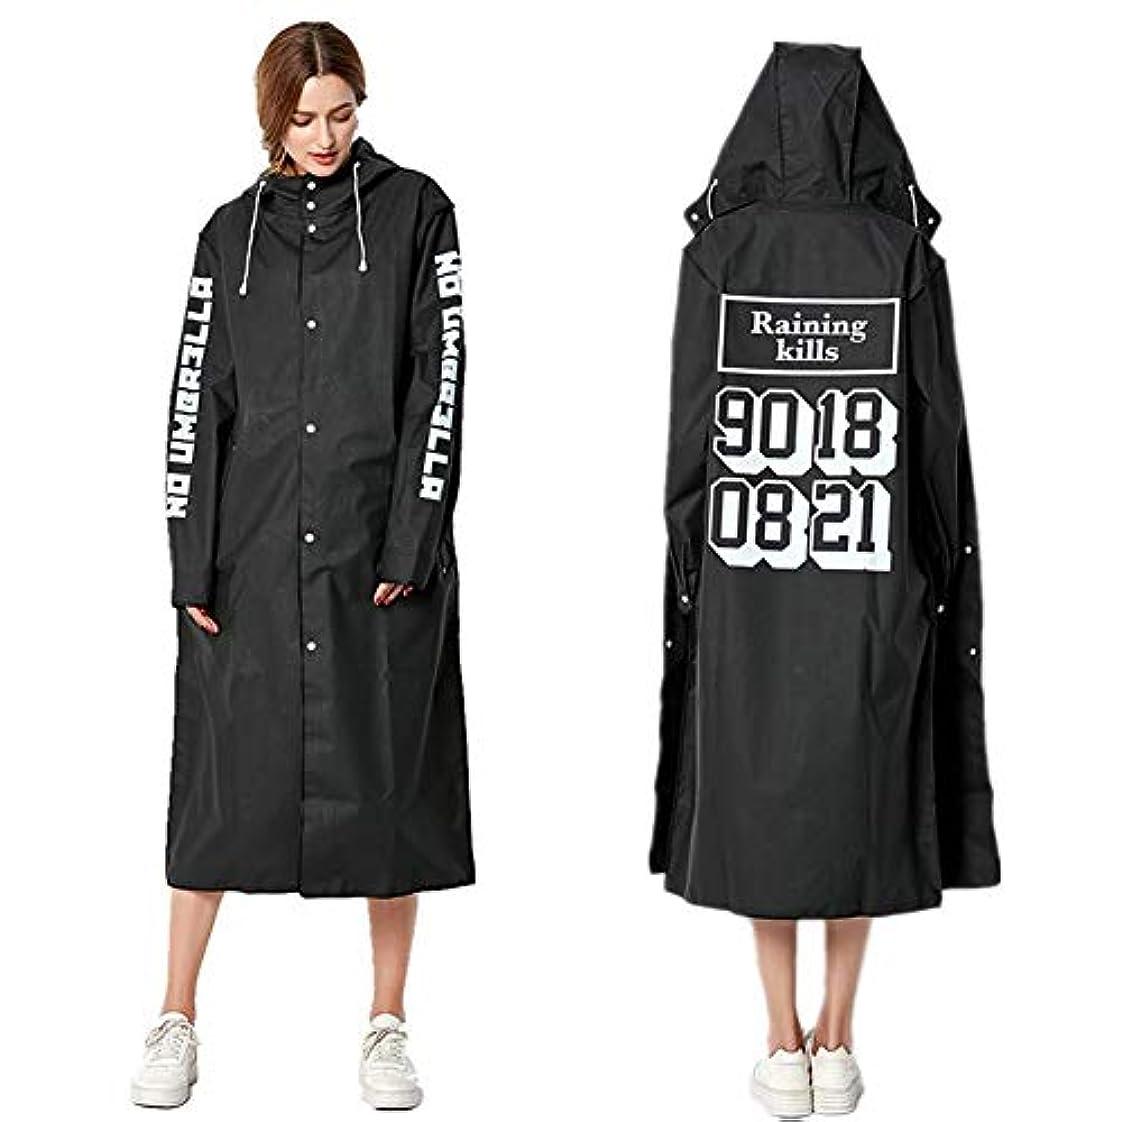 グリット不足座標标题不能超过100字符,不能包含特殊字符,价格等信息女性のファッション二重使用のレインコート - ハイキング屋外レインコートポンチョの男性と女性のレインコート,A,XL